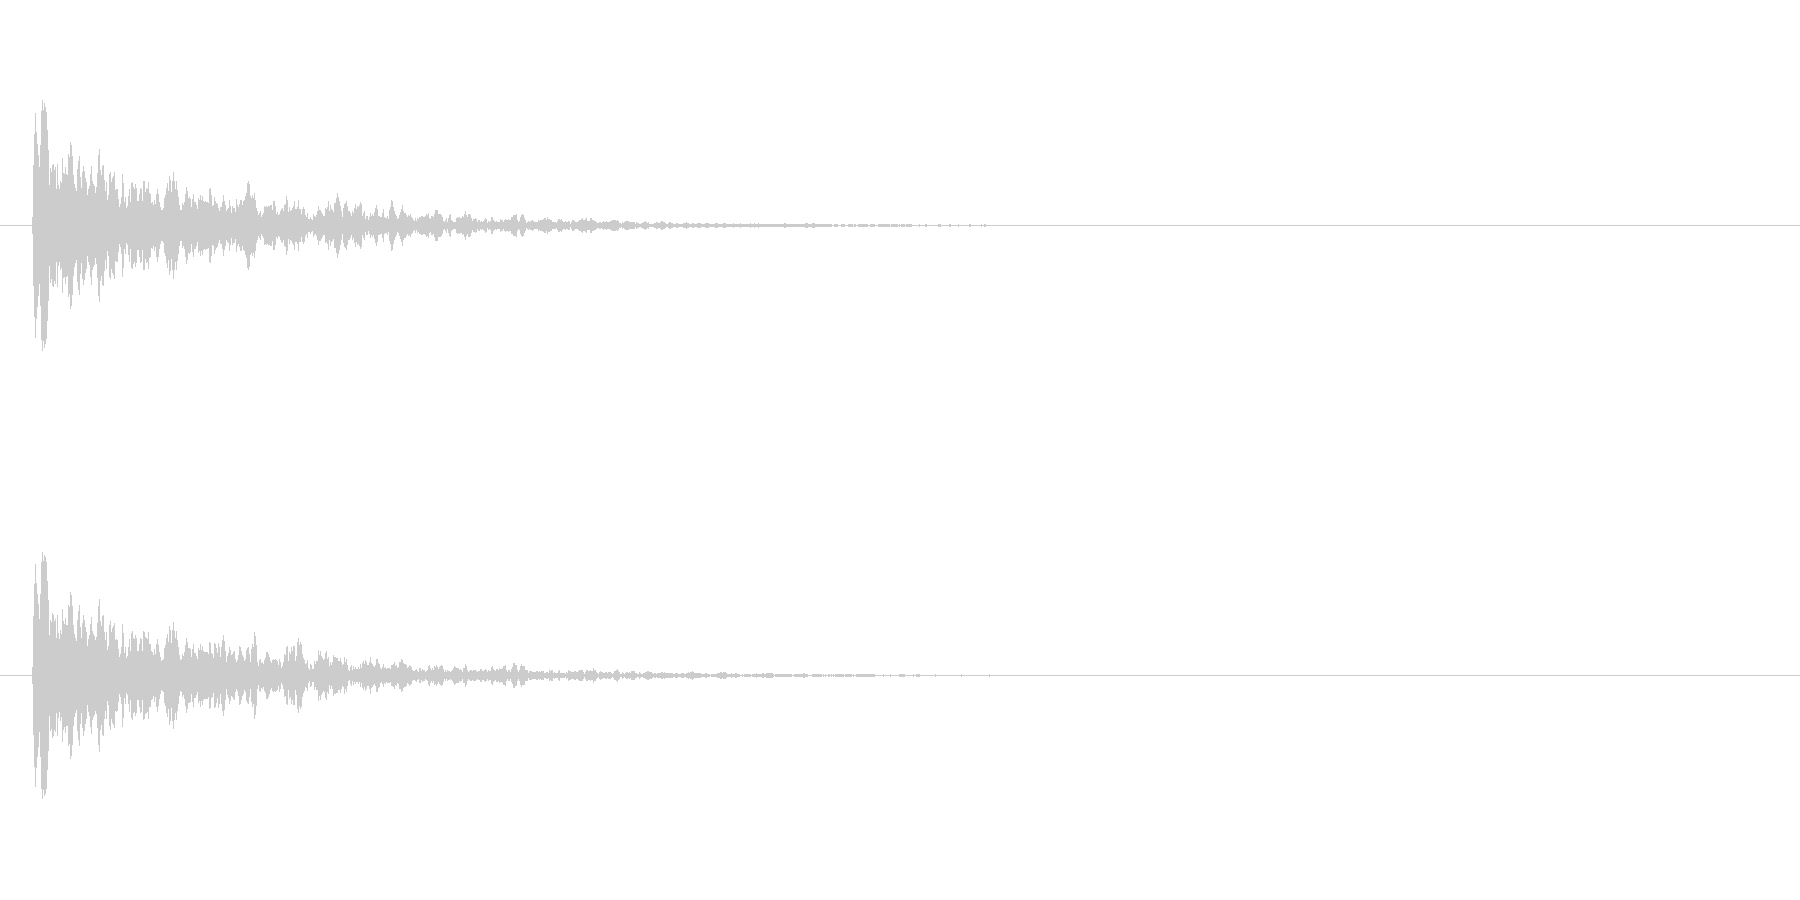 【アクセント09-1】の未再生の波形